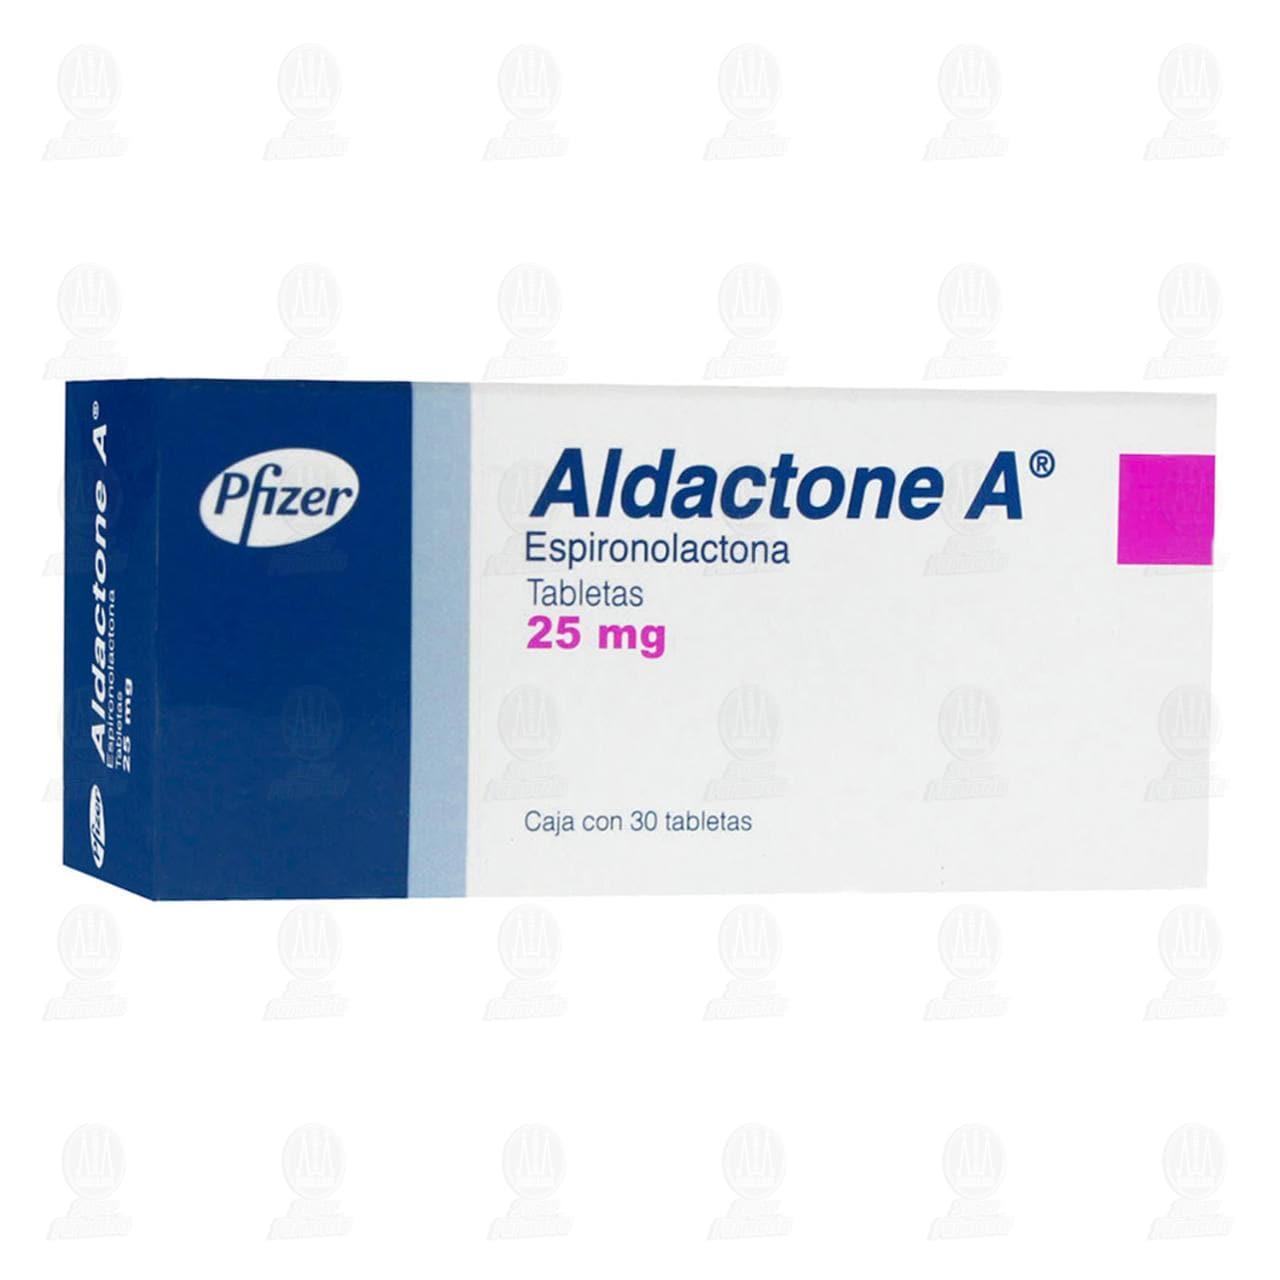 Comprar Aldactone A 25mg 30 Tabletas en Farmacias Guadalajara